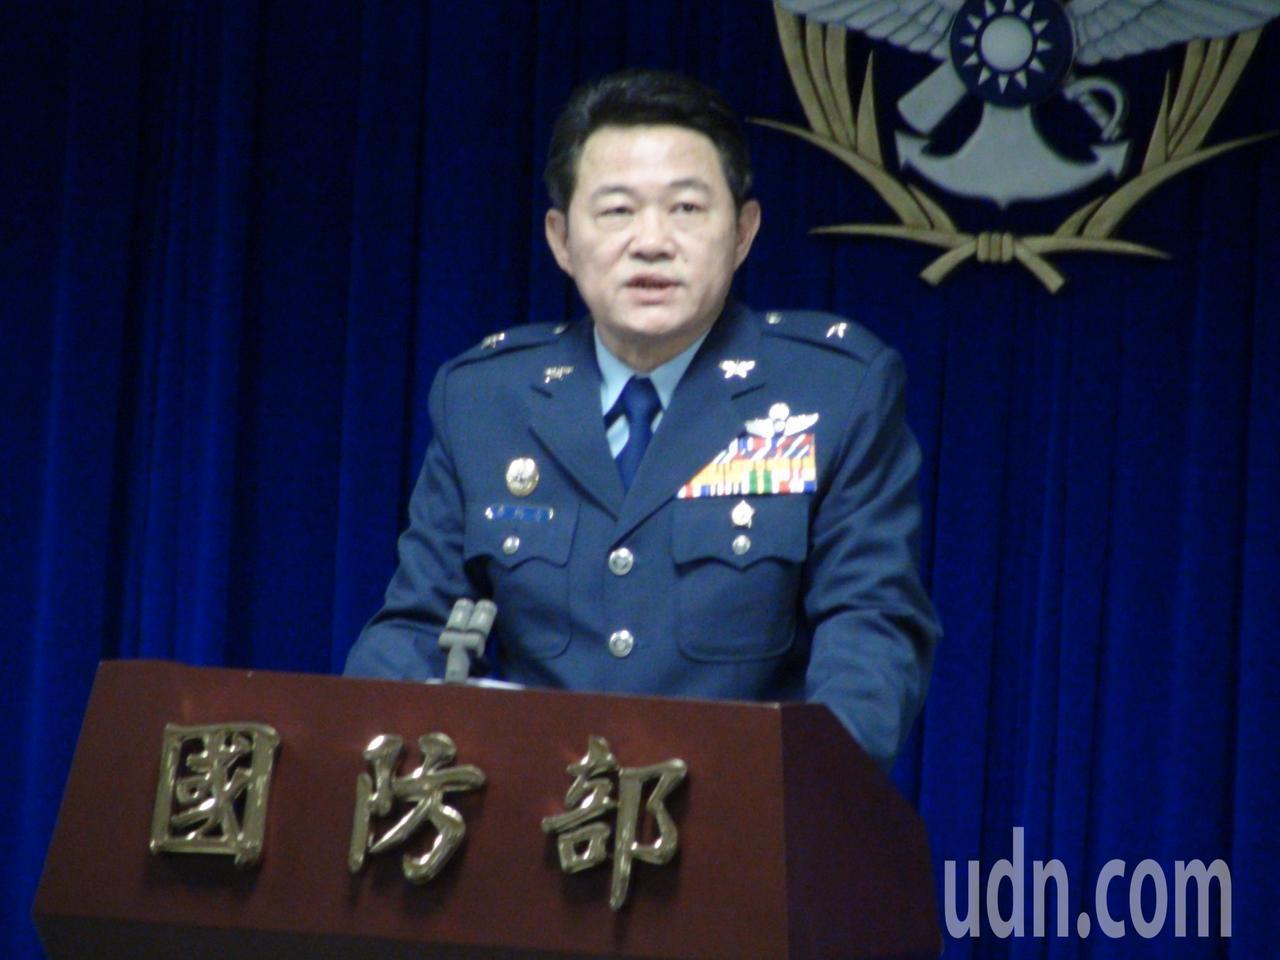 空軍司令部計畫處長唐洪安表示,空軍與中科院自106年2月針對新式高教機簽訂委製協...